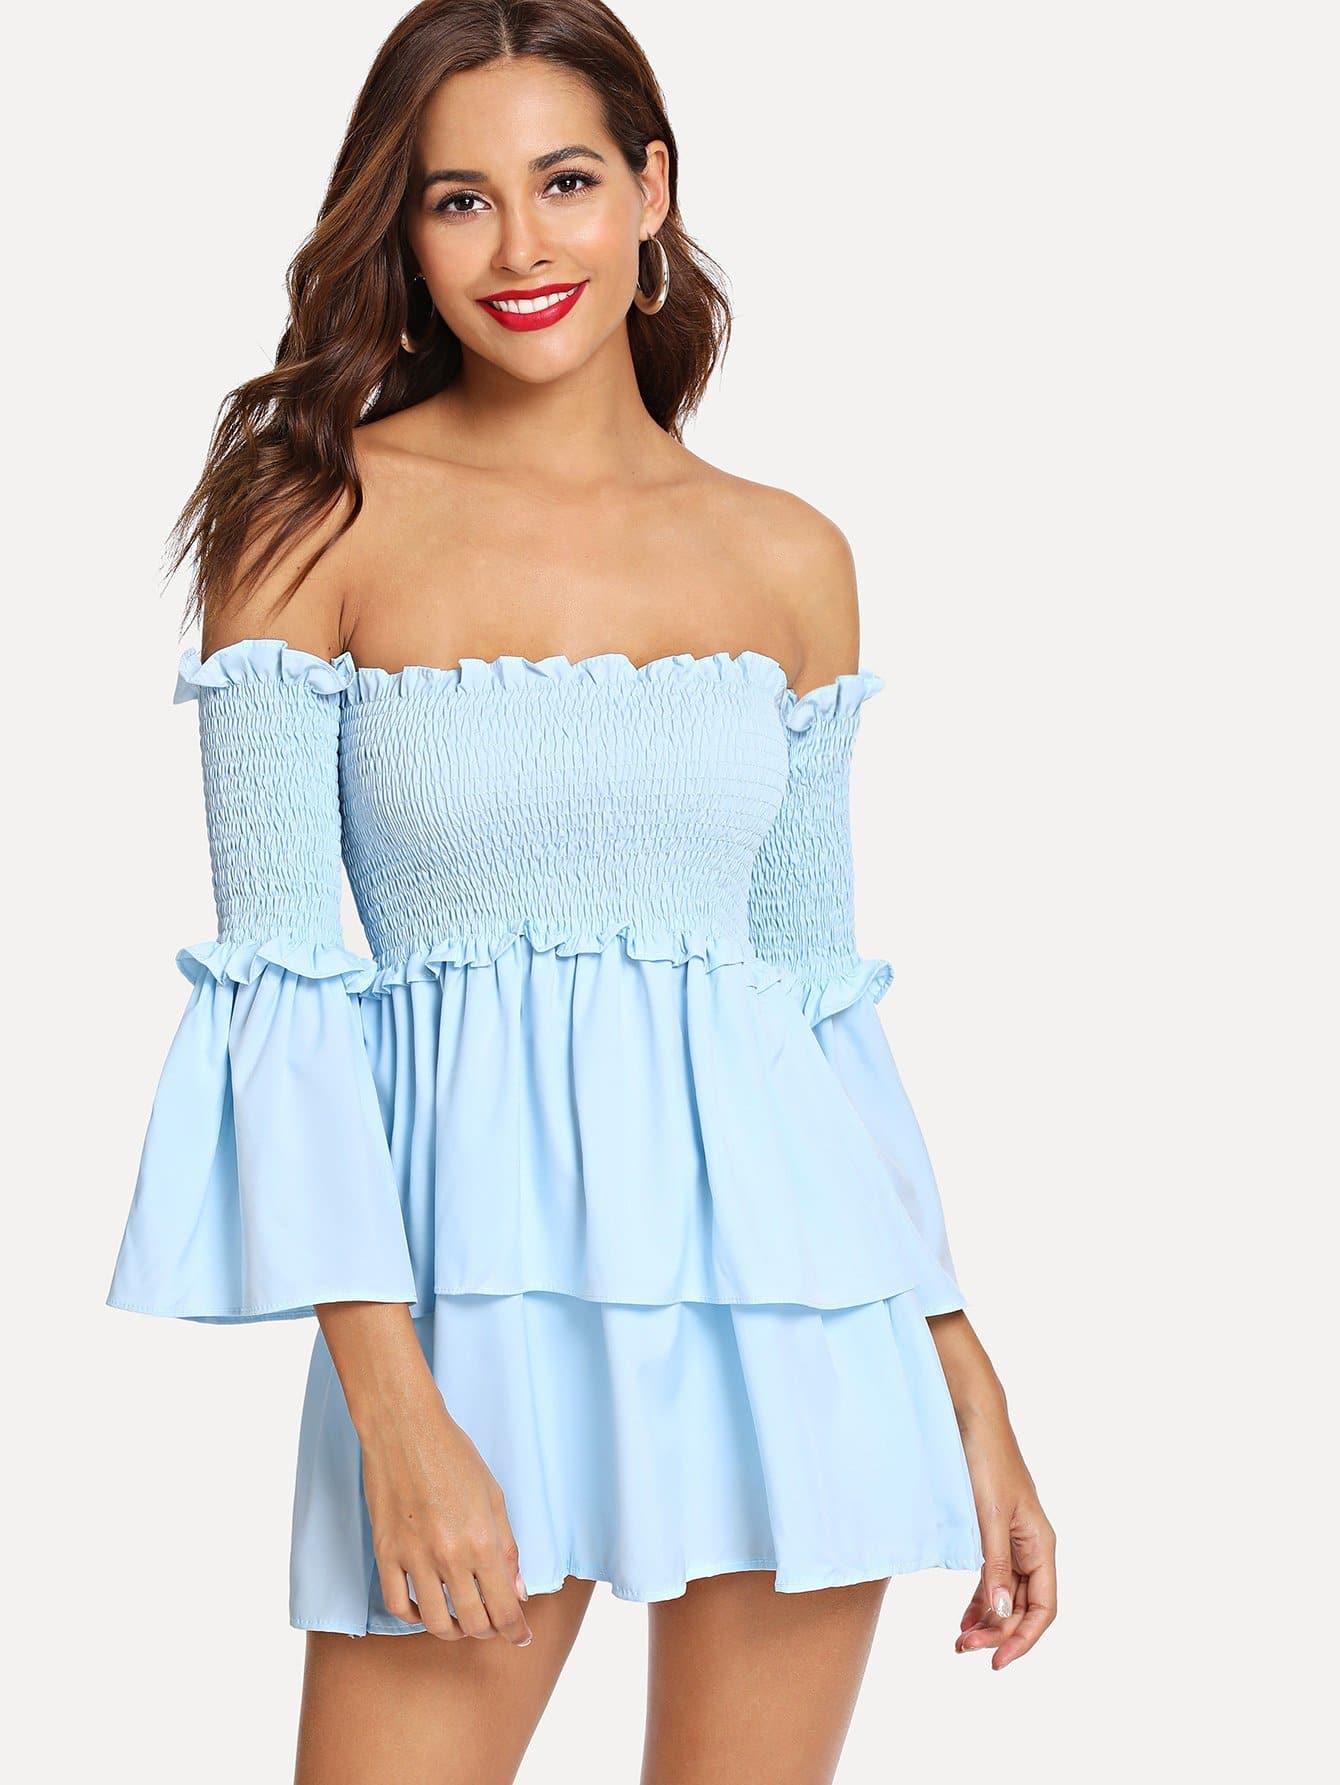 Купить Плиссированная рубашка без бретелек и рукава с розеткой, Giulia, SheIn